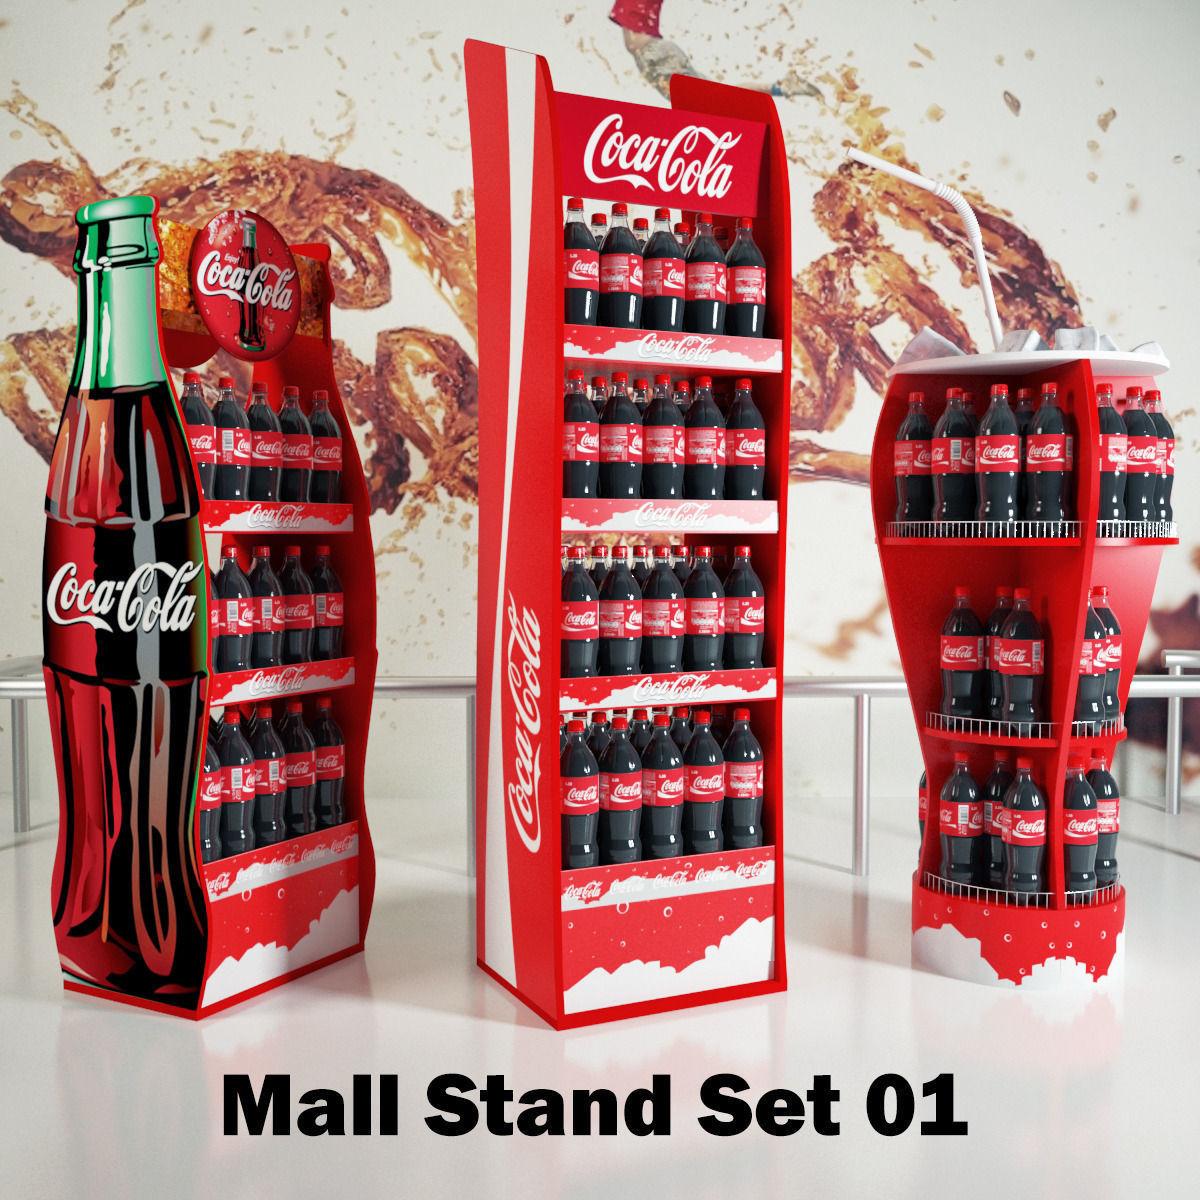 Mall Stand Set 01